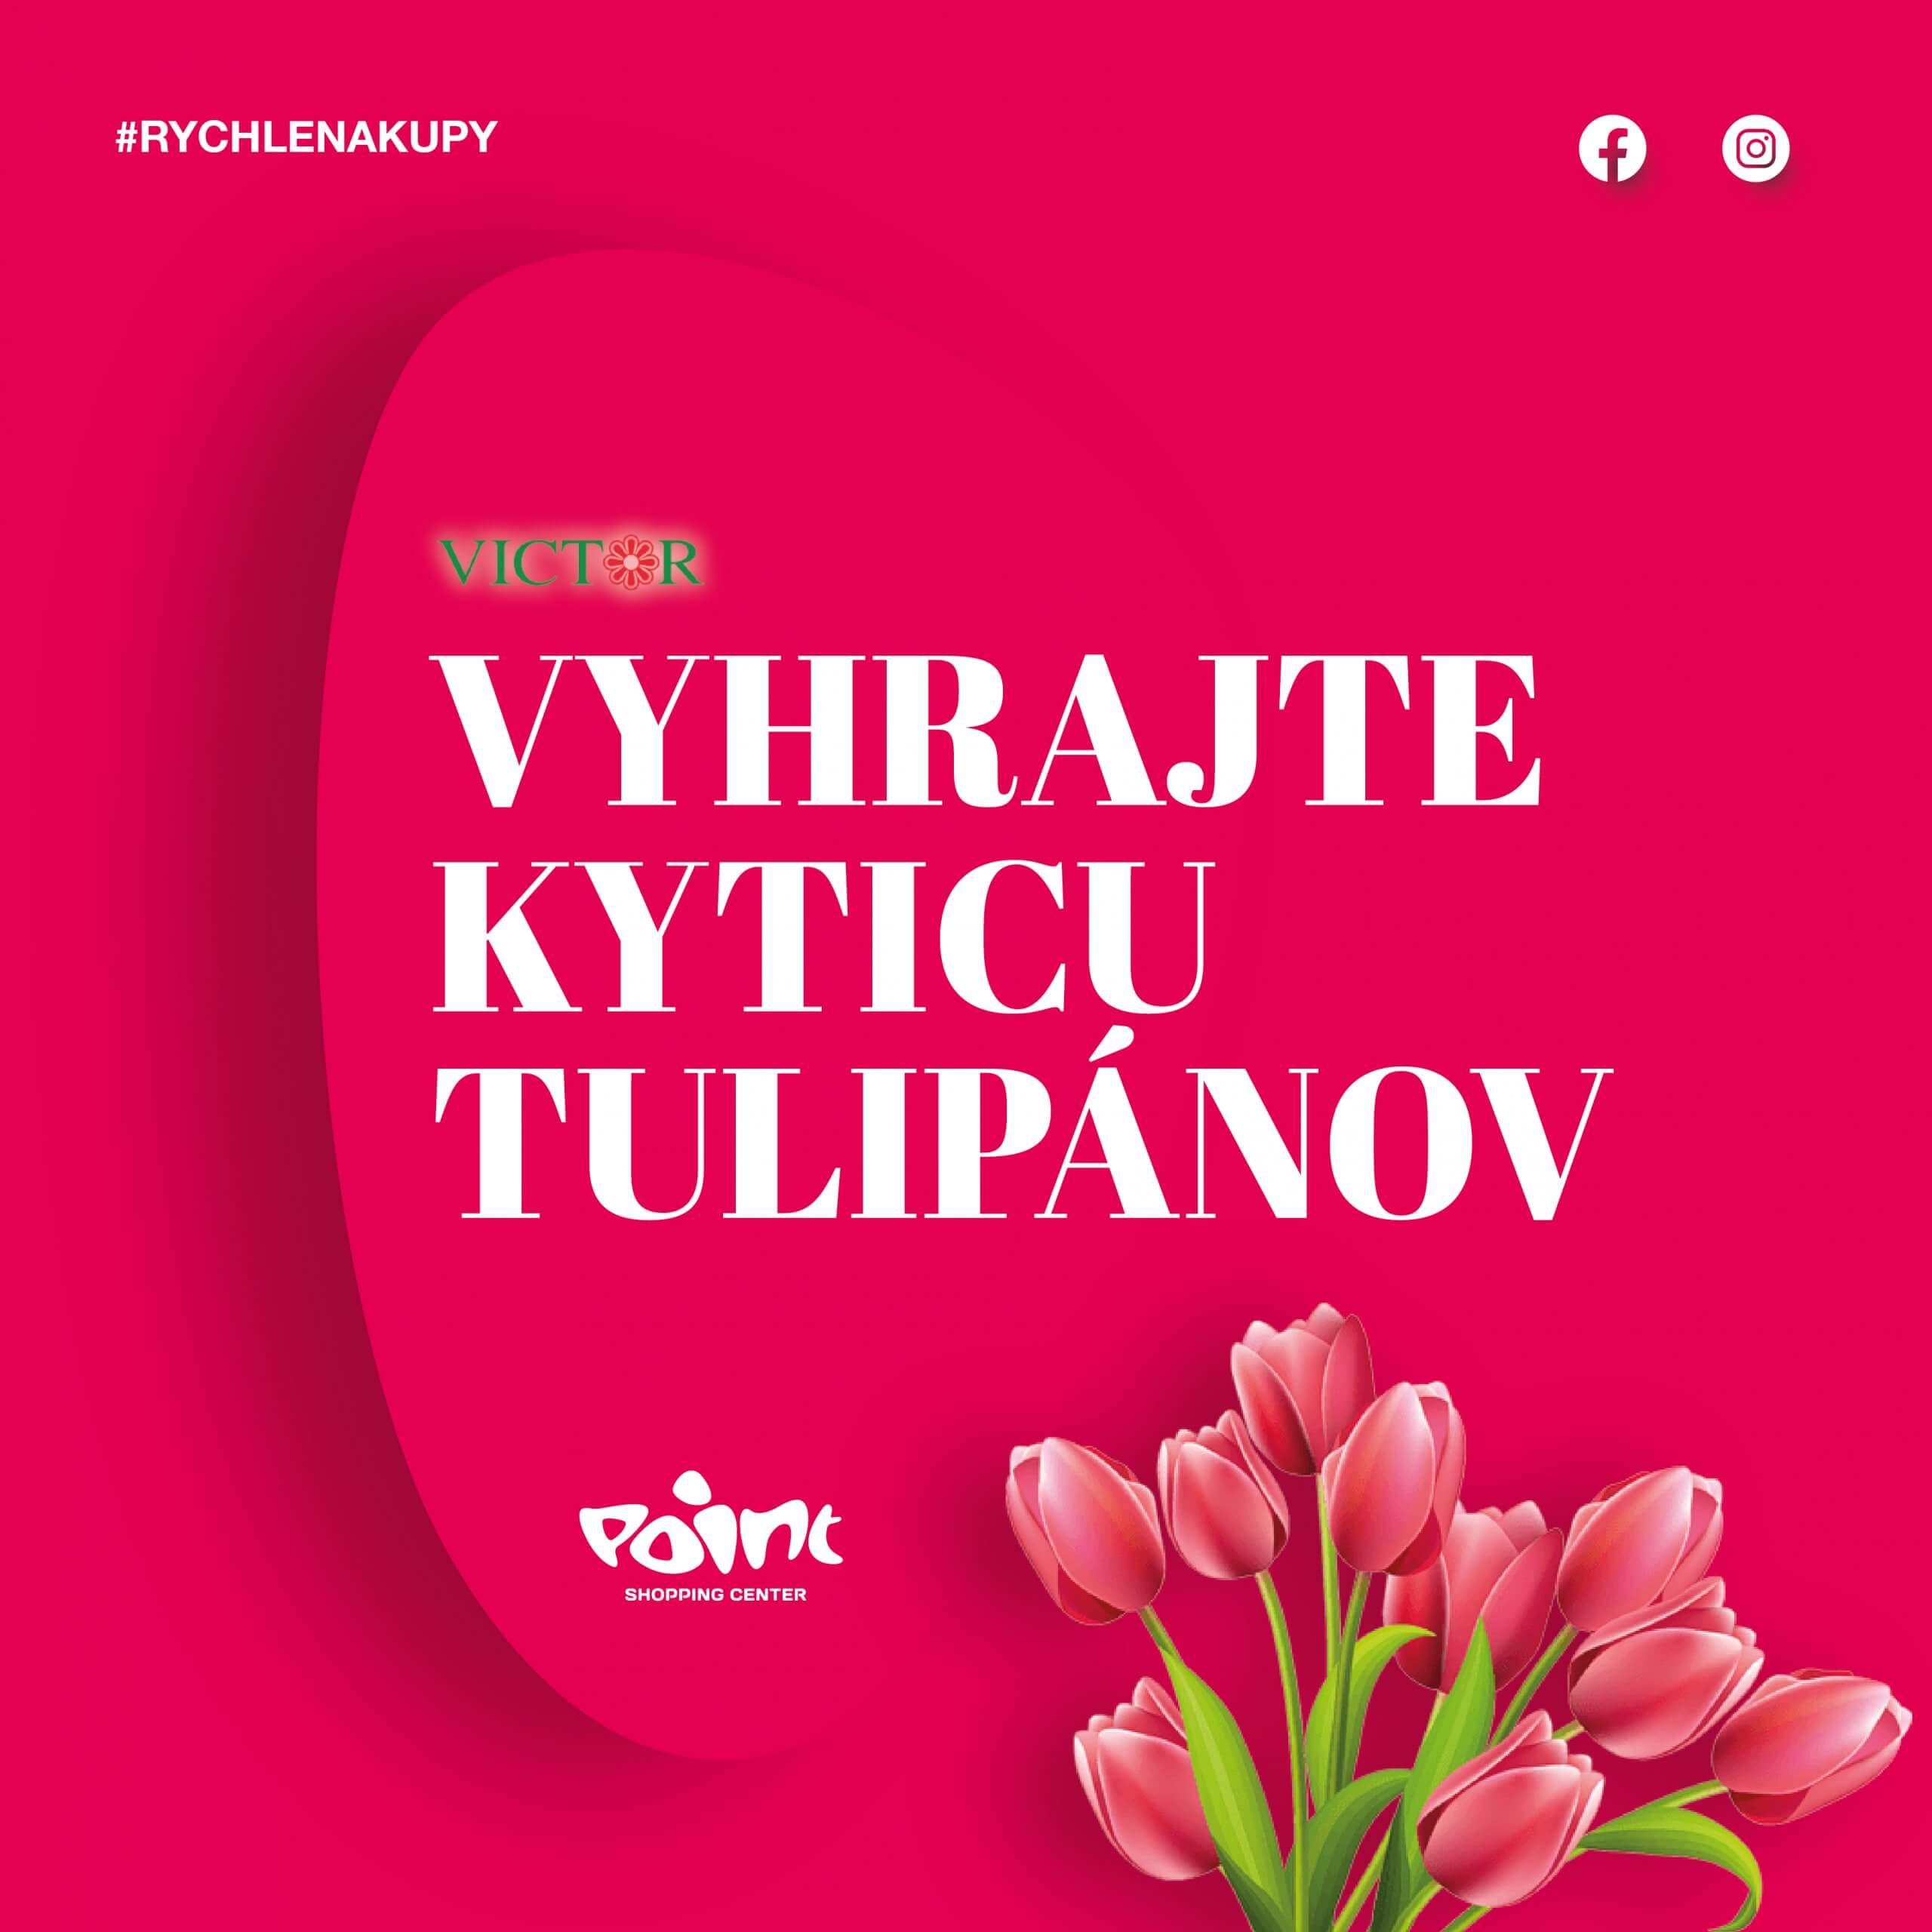 Vyhrajte kyticu tulipánov